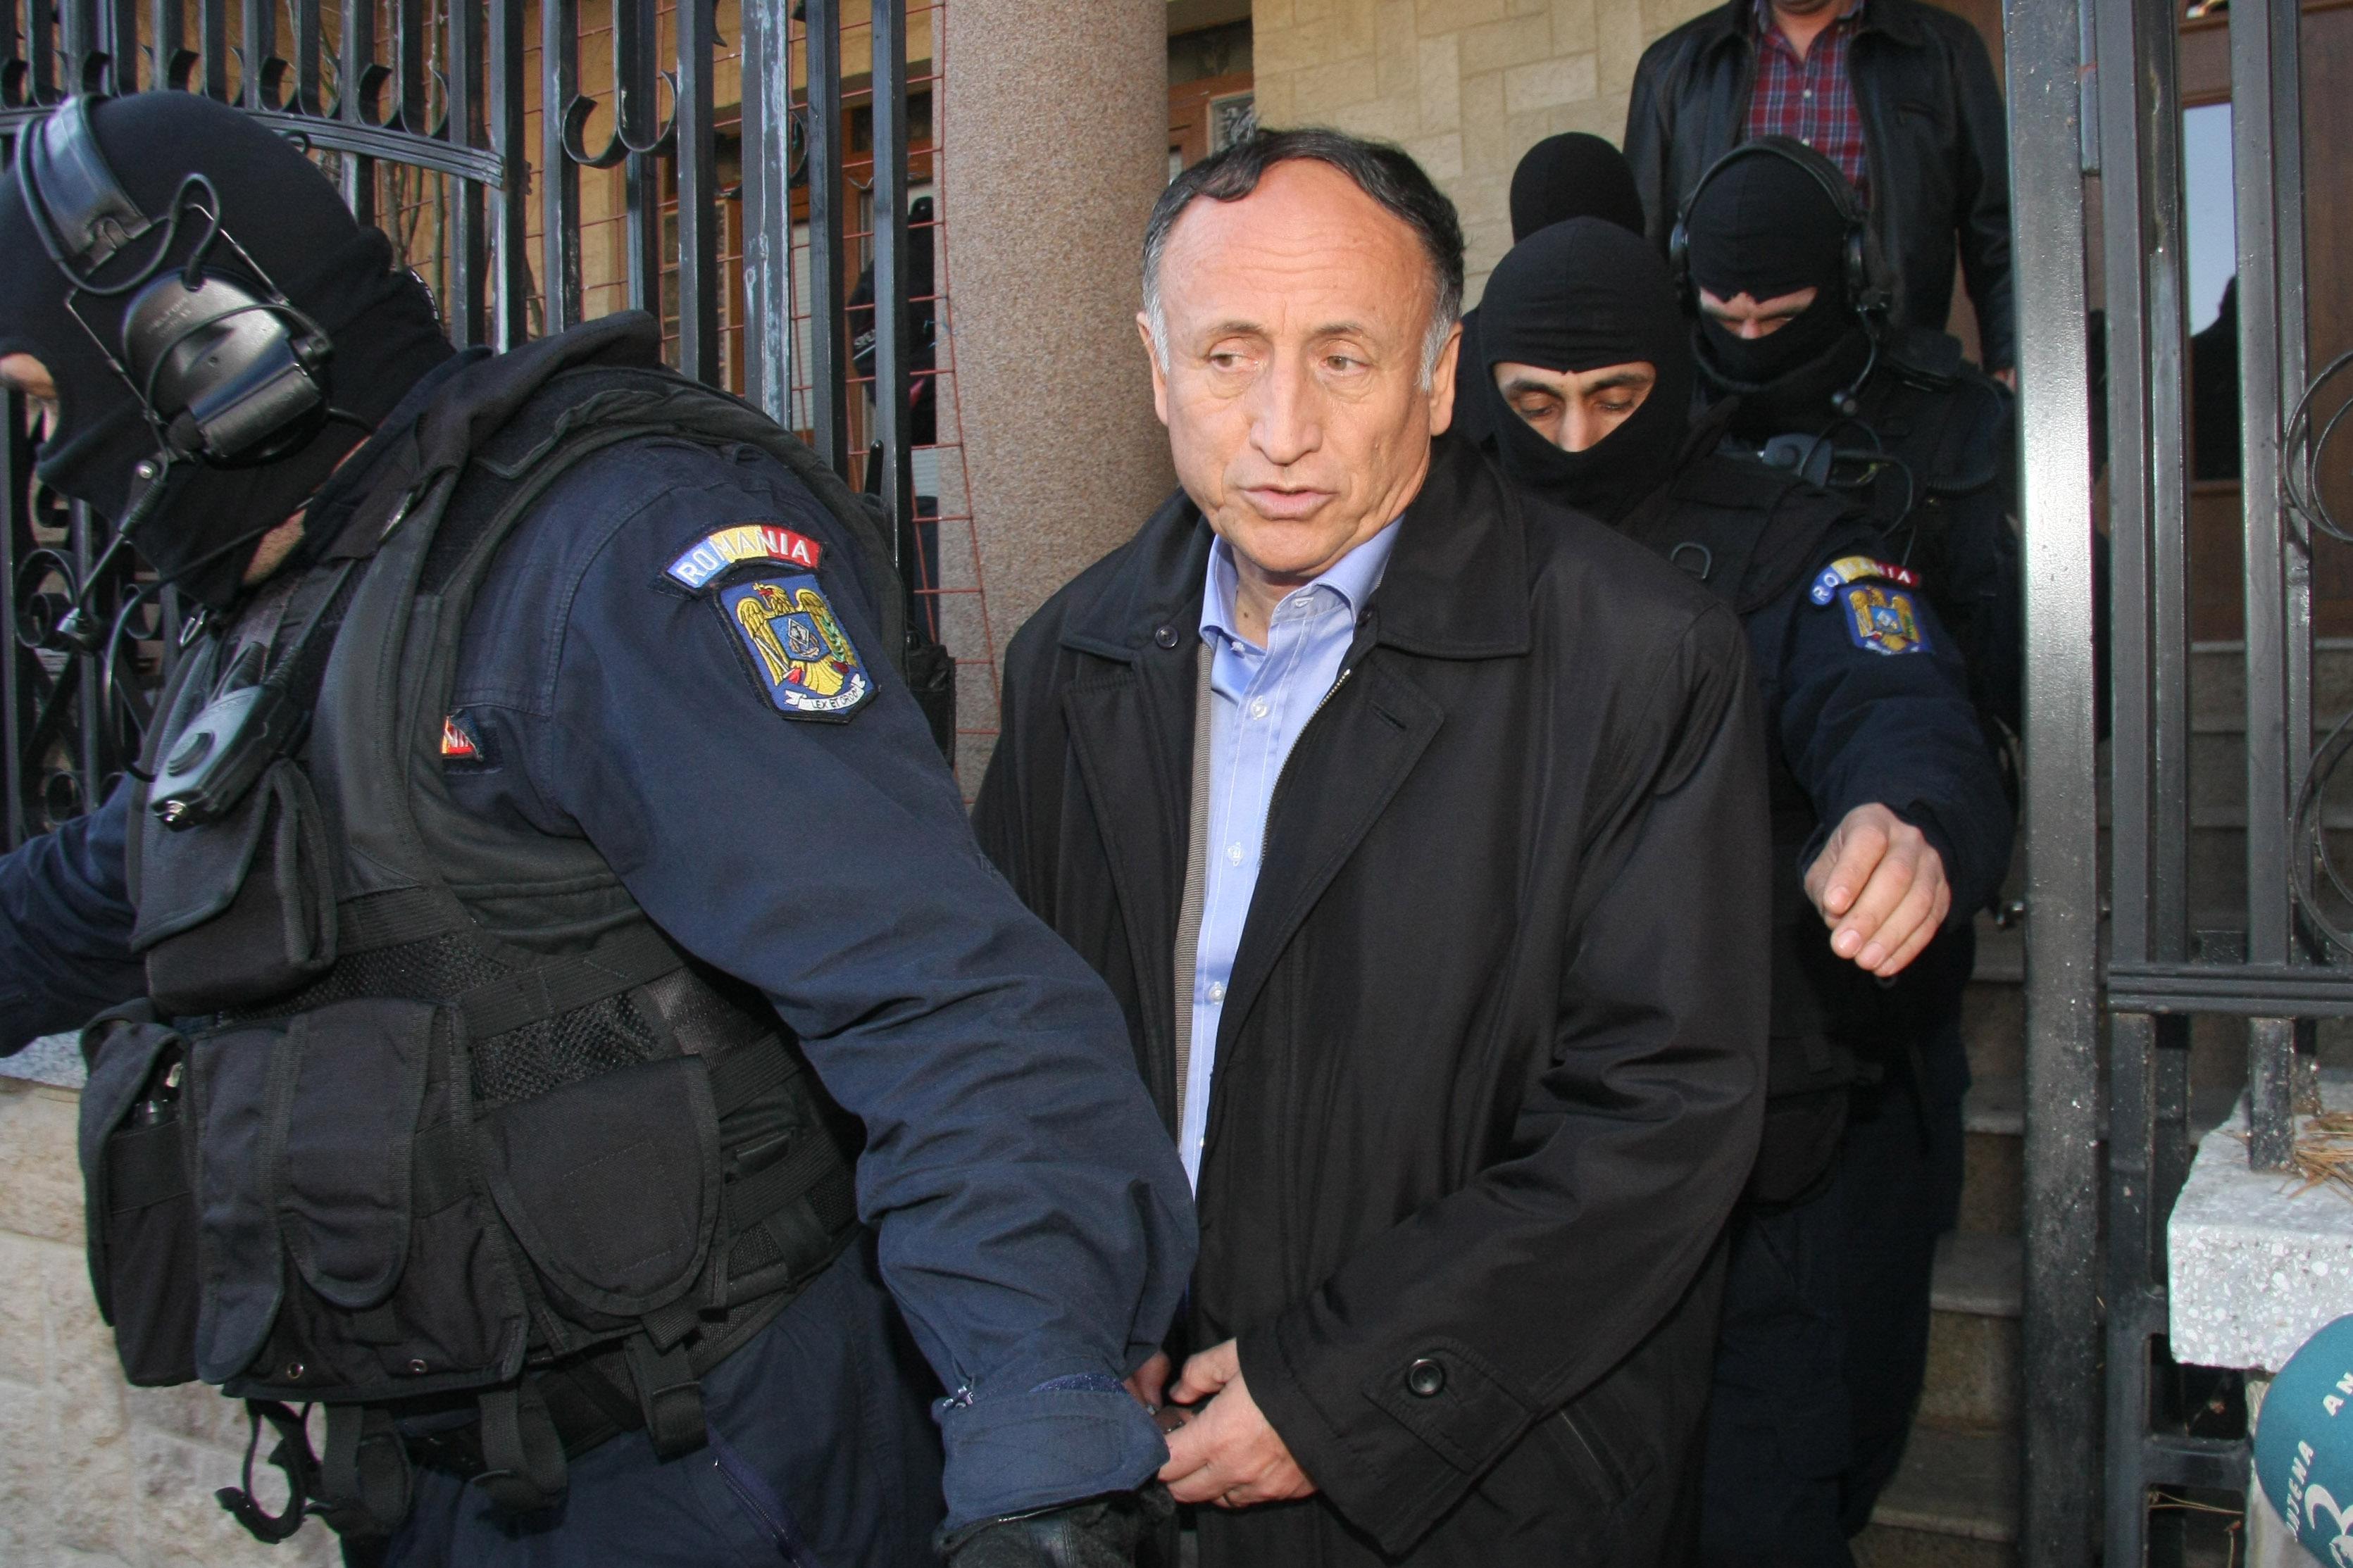 Primarul municipiului Pitesti, Tudor Pendiuc, a fost arestat preventiv